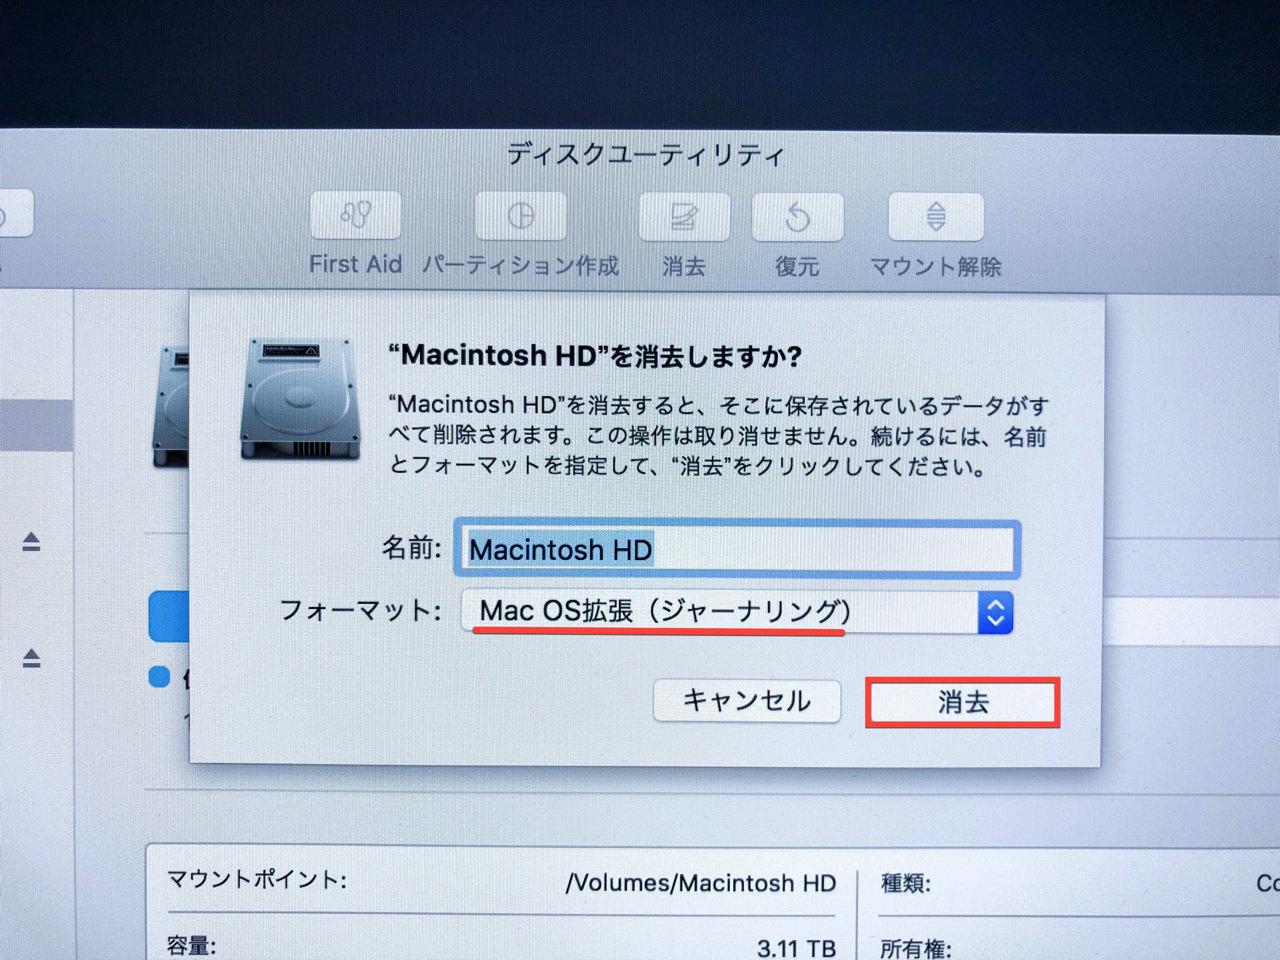 フォーマットをMac OS拡張(ジャーナリング)にして消去